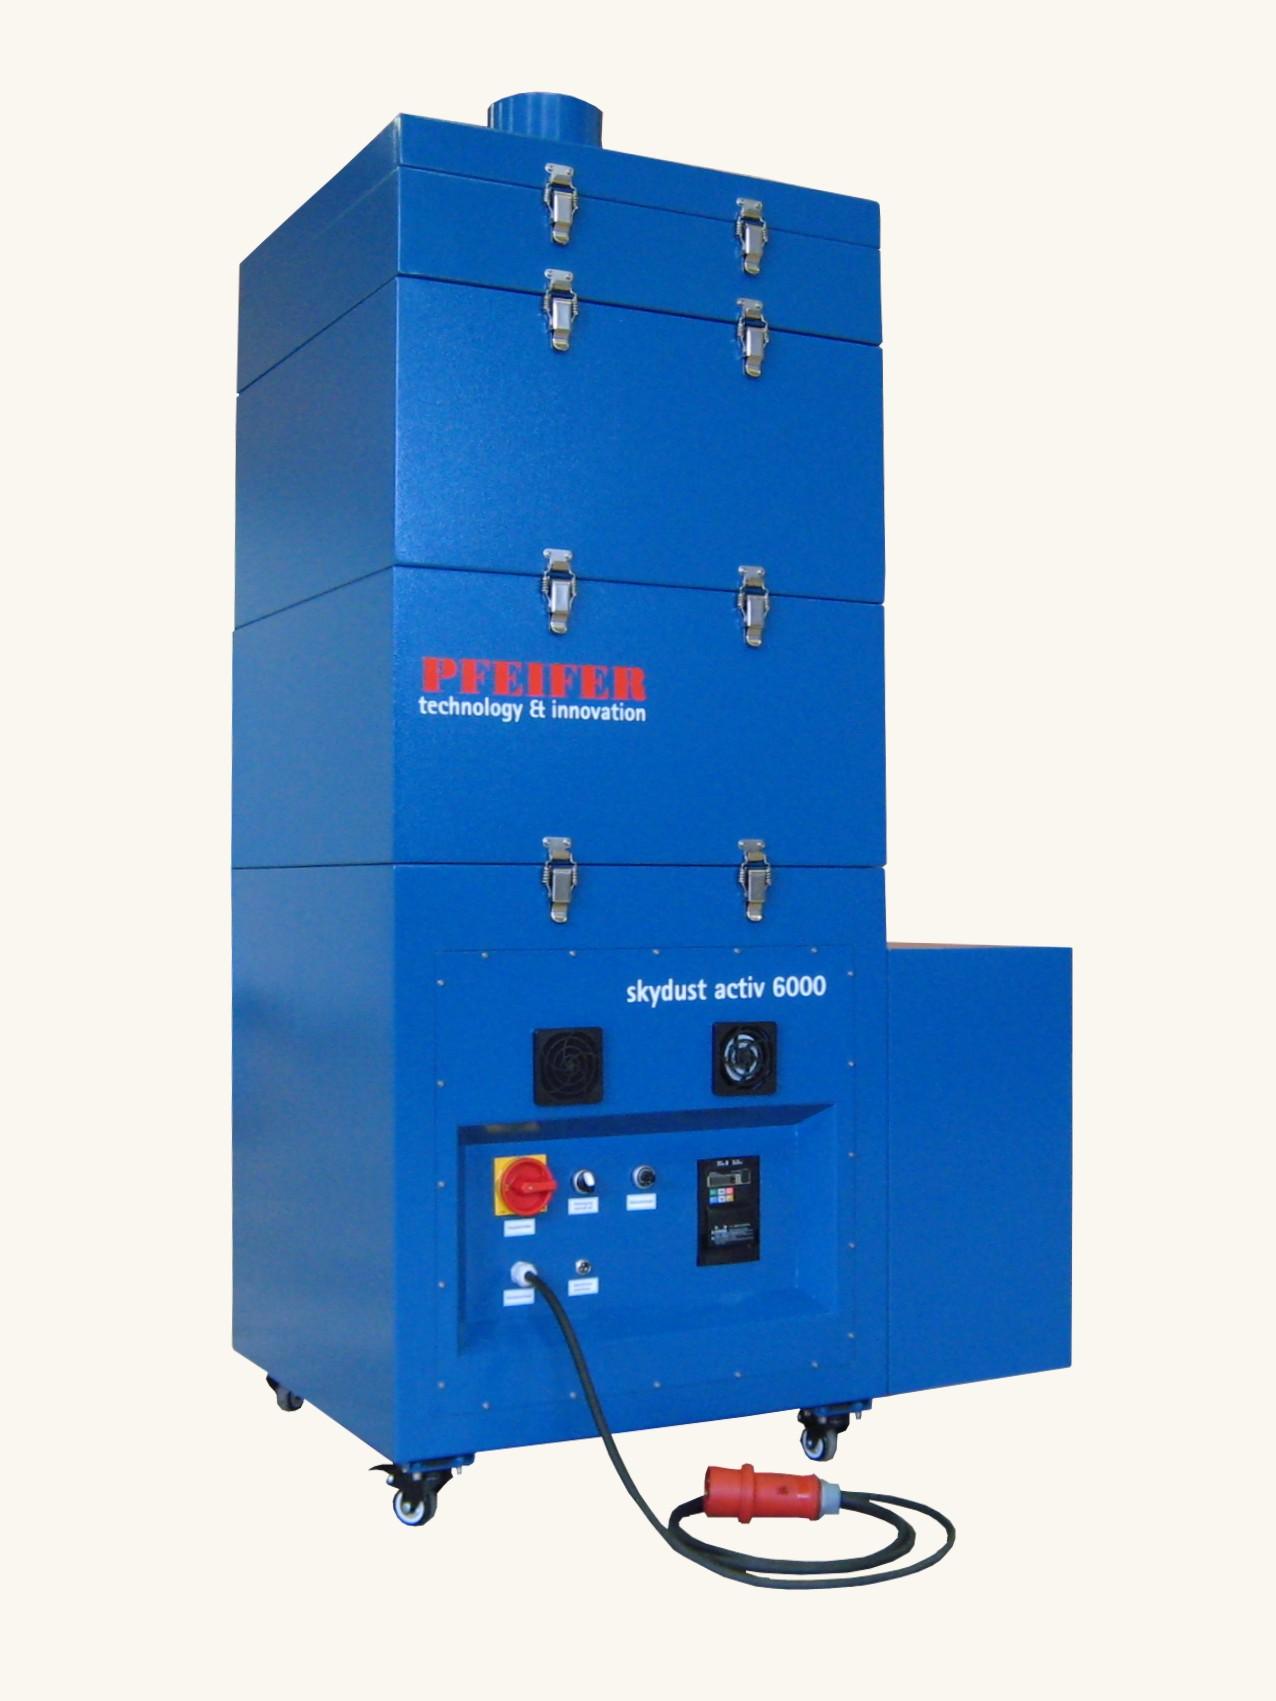 CO2 Laser Absaugungsanschluss für Absaugung skydust 6000